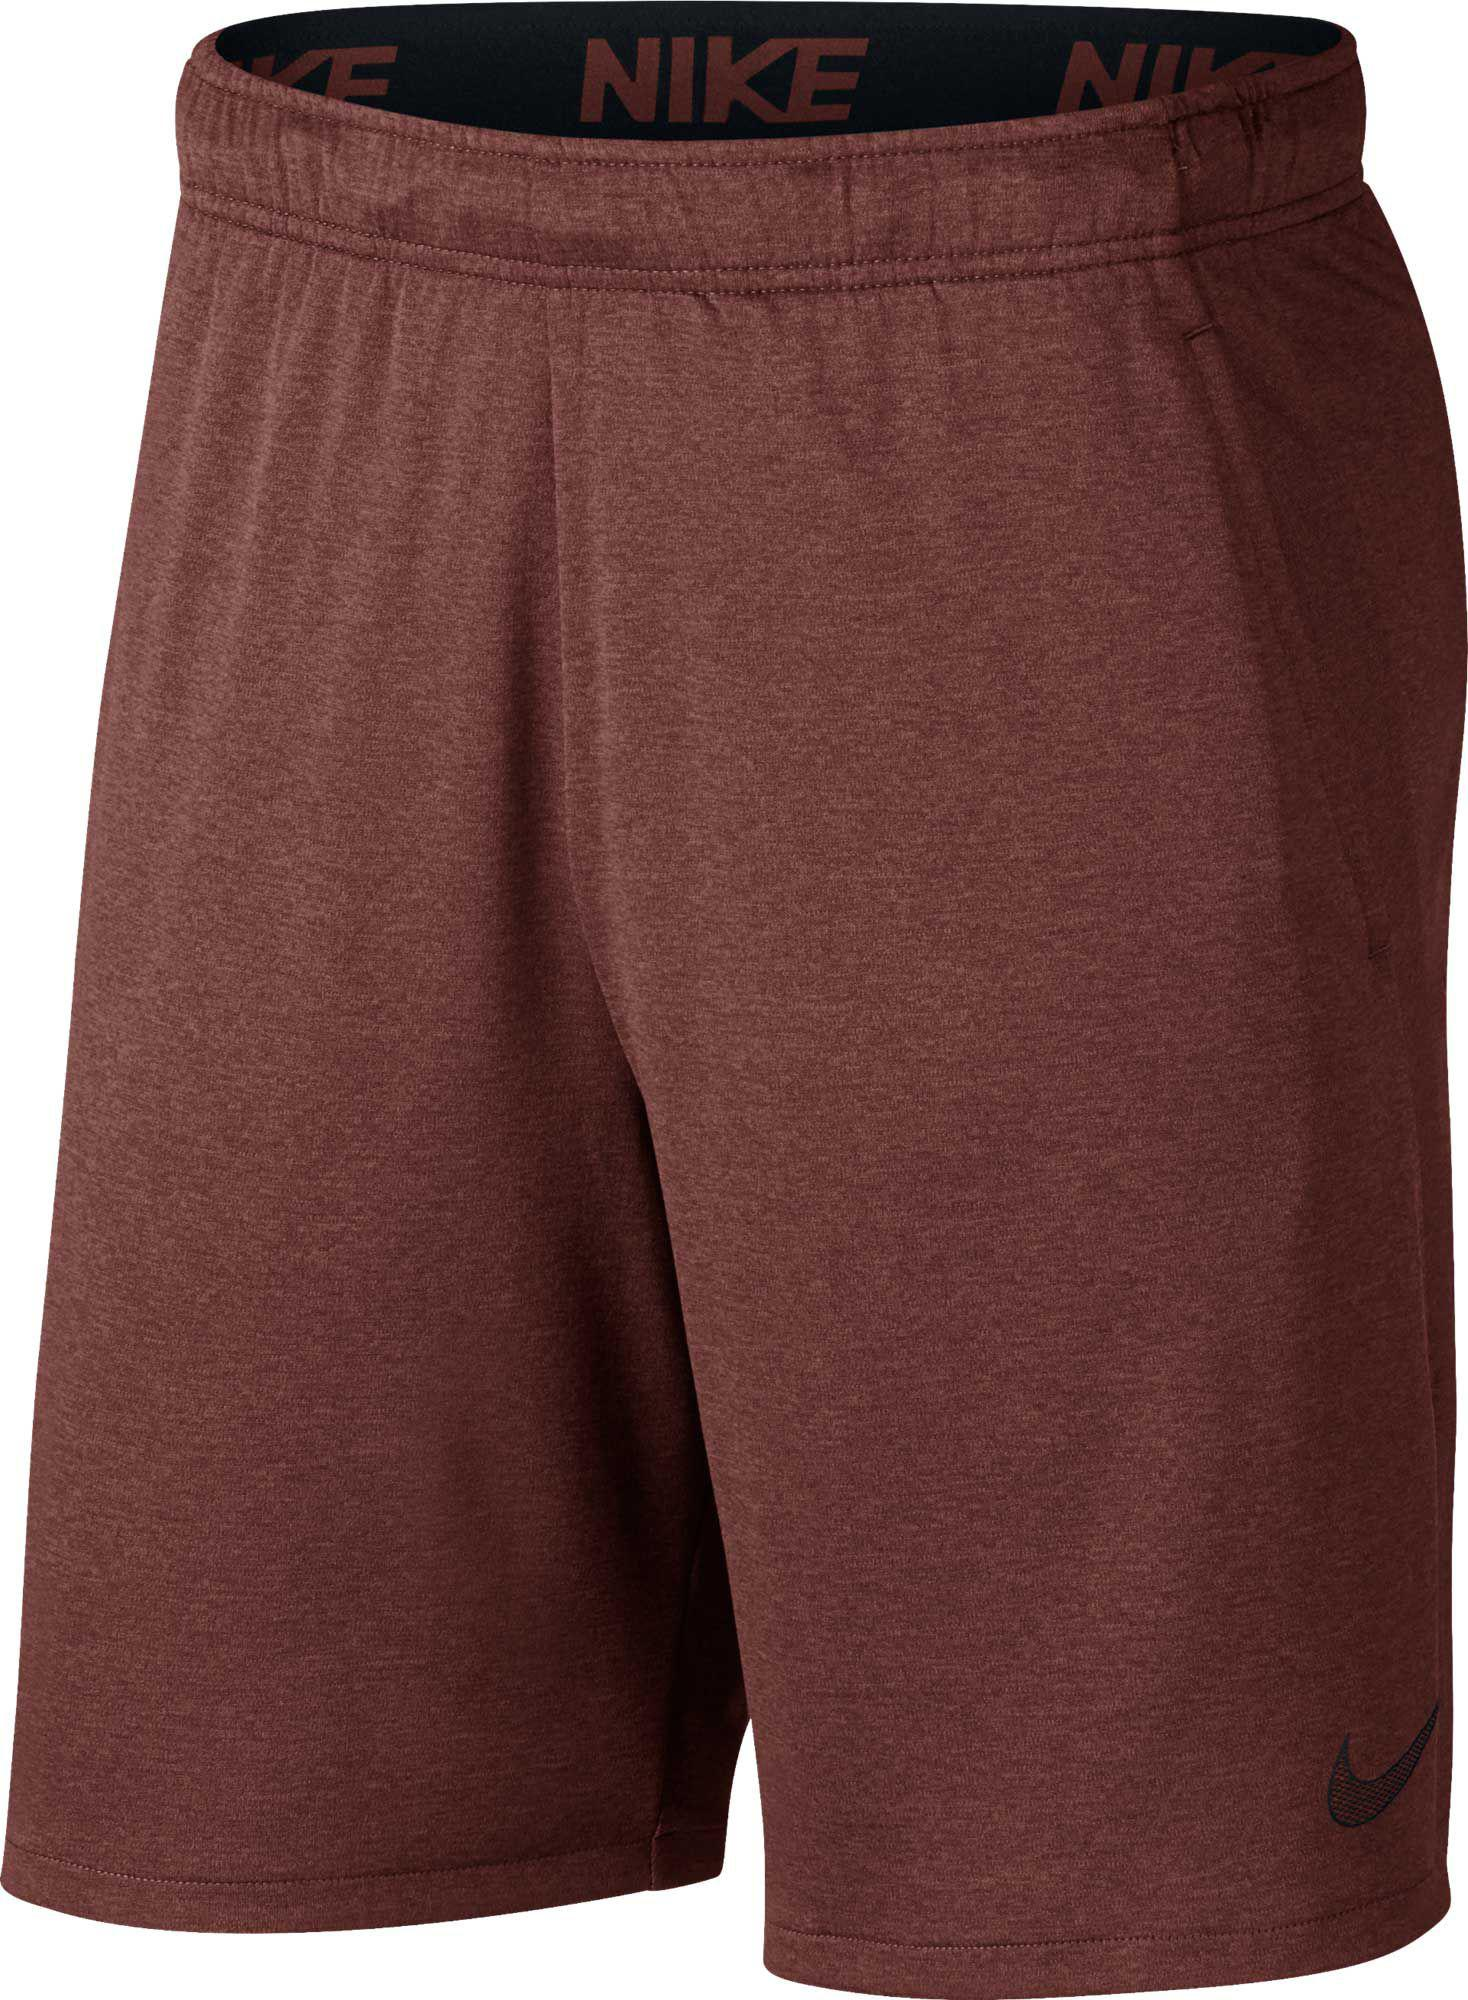 8ef6890804bcd Men's Brown Dry Veneer Training Shorts